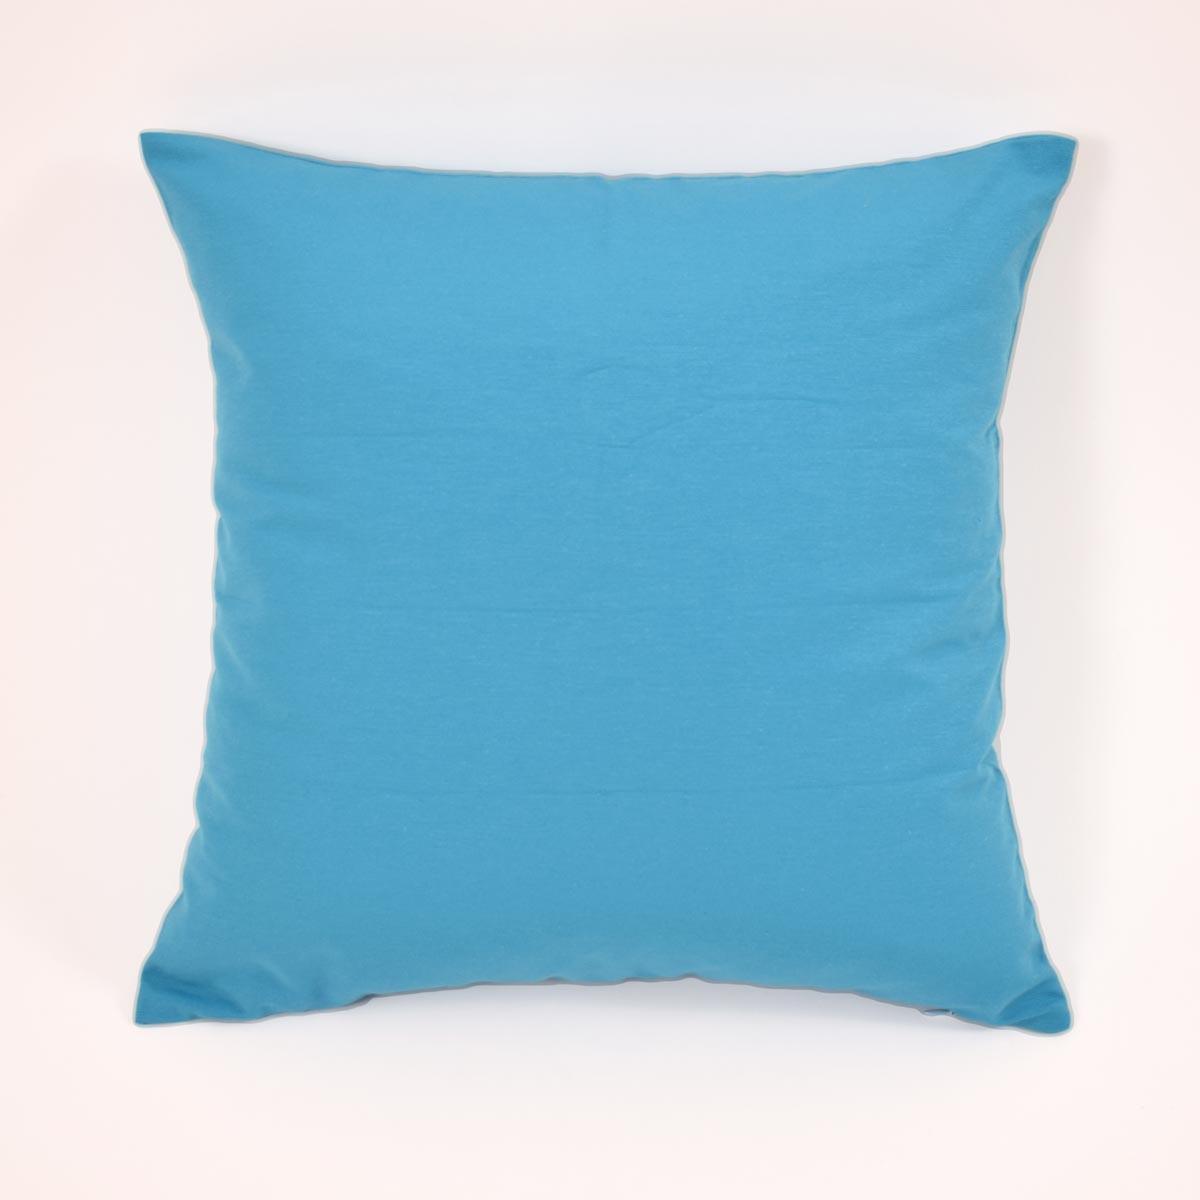 Διακοσμητική Μαξιλαροθήκη (45x45) Paleta Turquoise